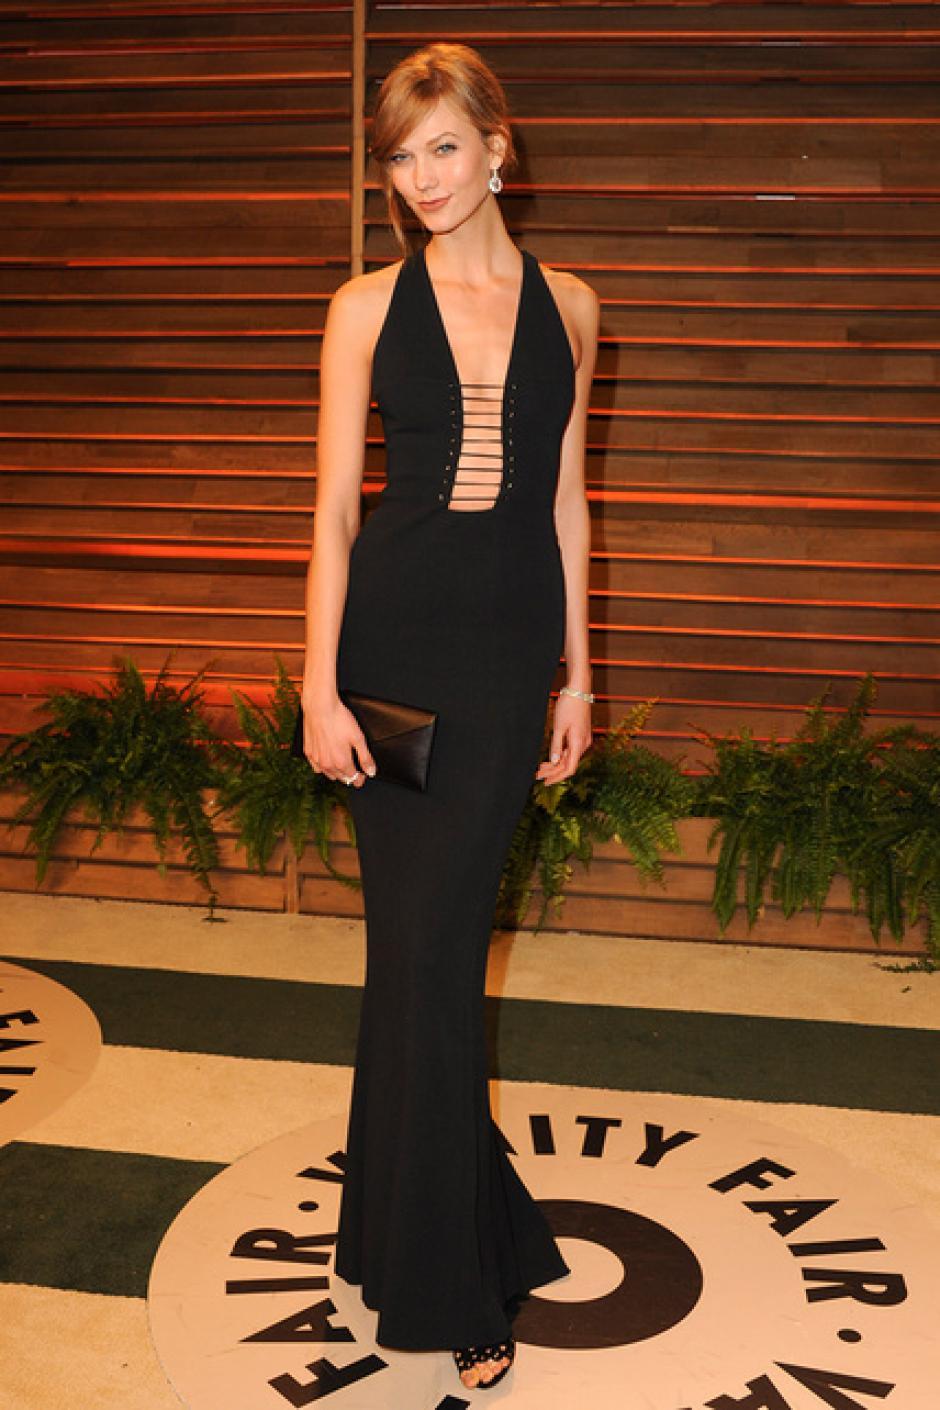 La modelo Karlie Kloss eligió el negro con un sorprendente escote. (Foto: SModa)